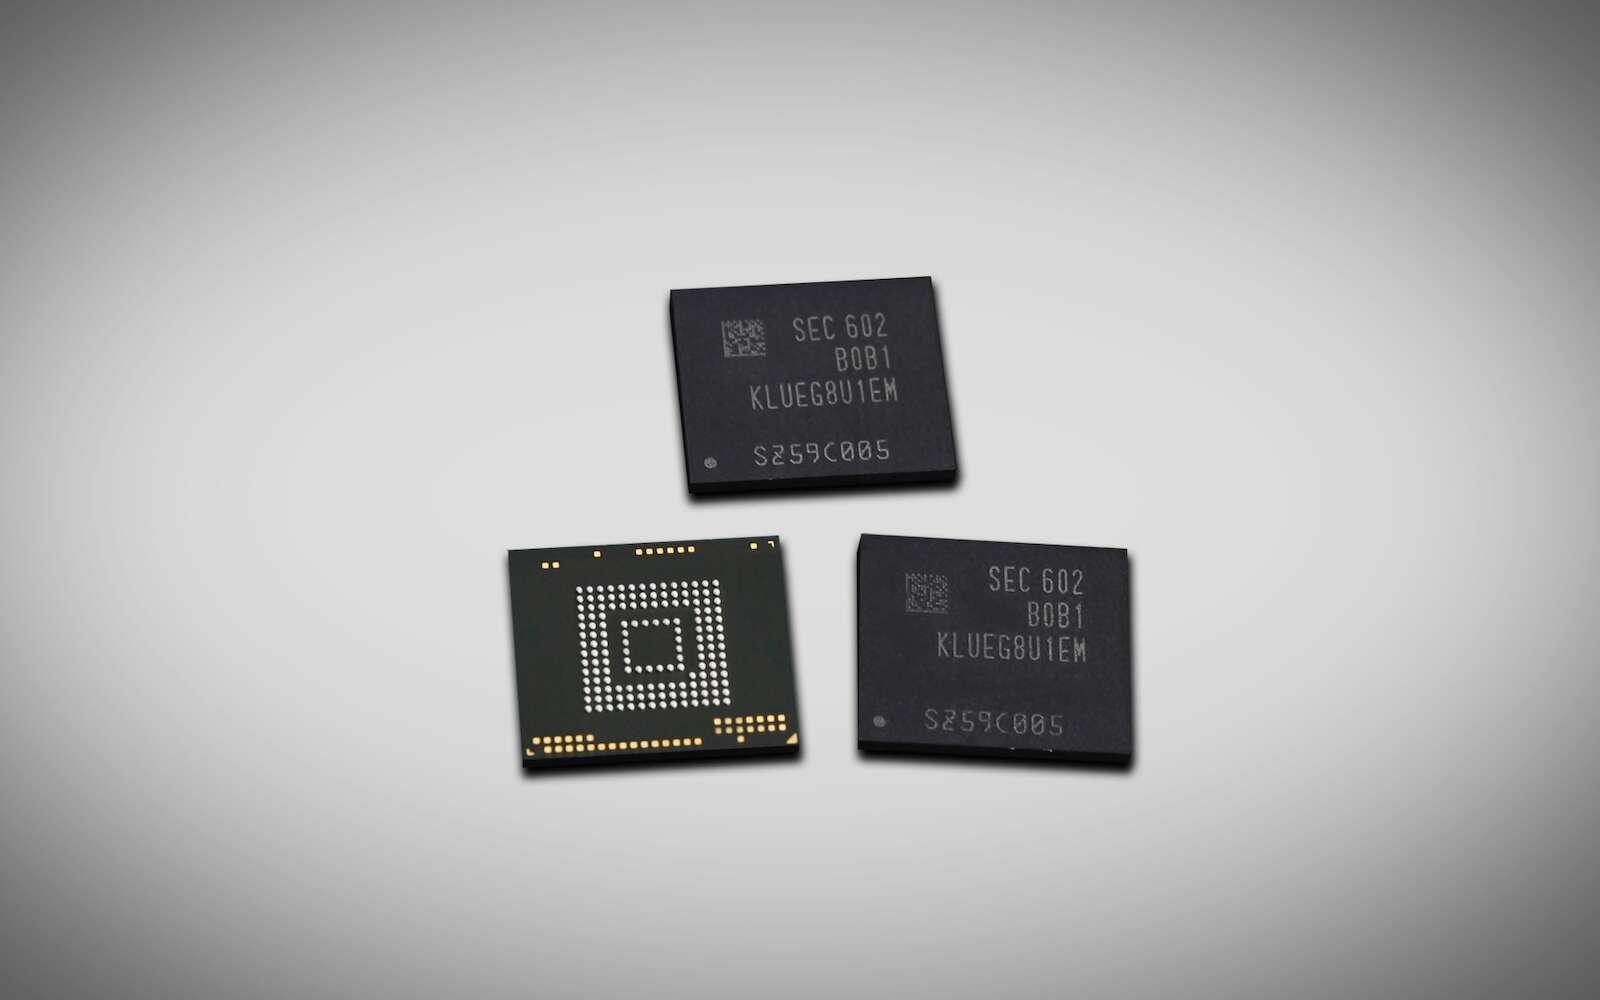 L'informatique de demain pourra stocker les données sur un seul type de mémoire. Fini la mémoire vive d'un côté, et le disque dur de l'autre, tout sera enregistré sur le même support. © Samsung